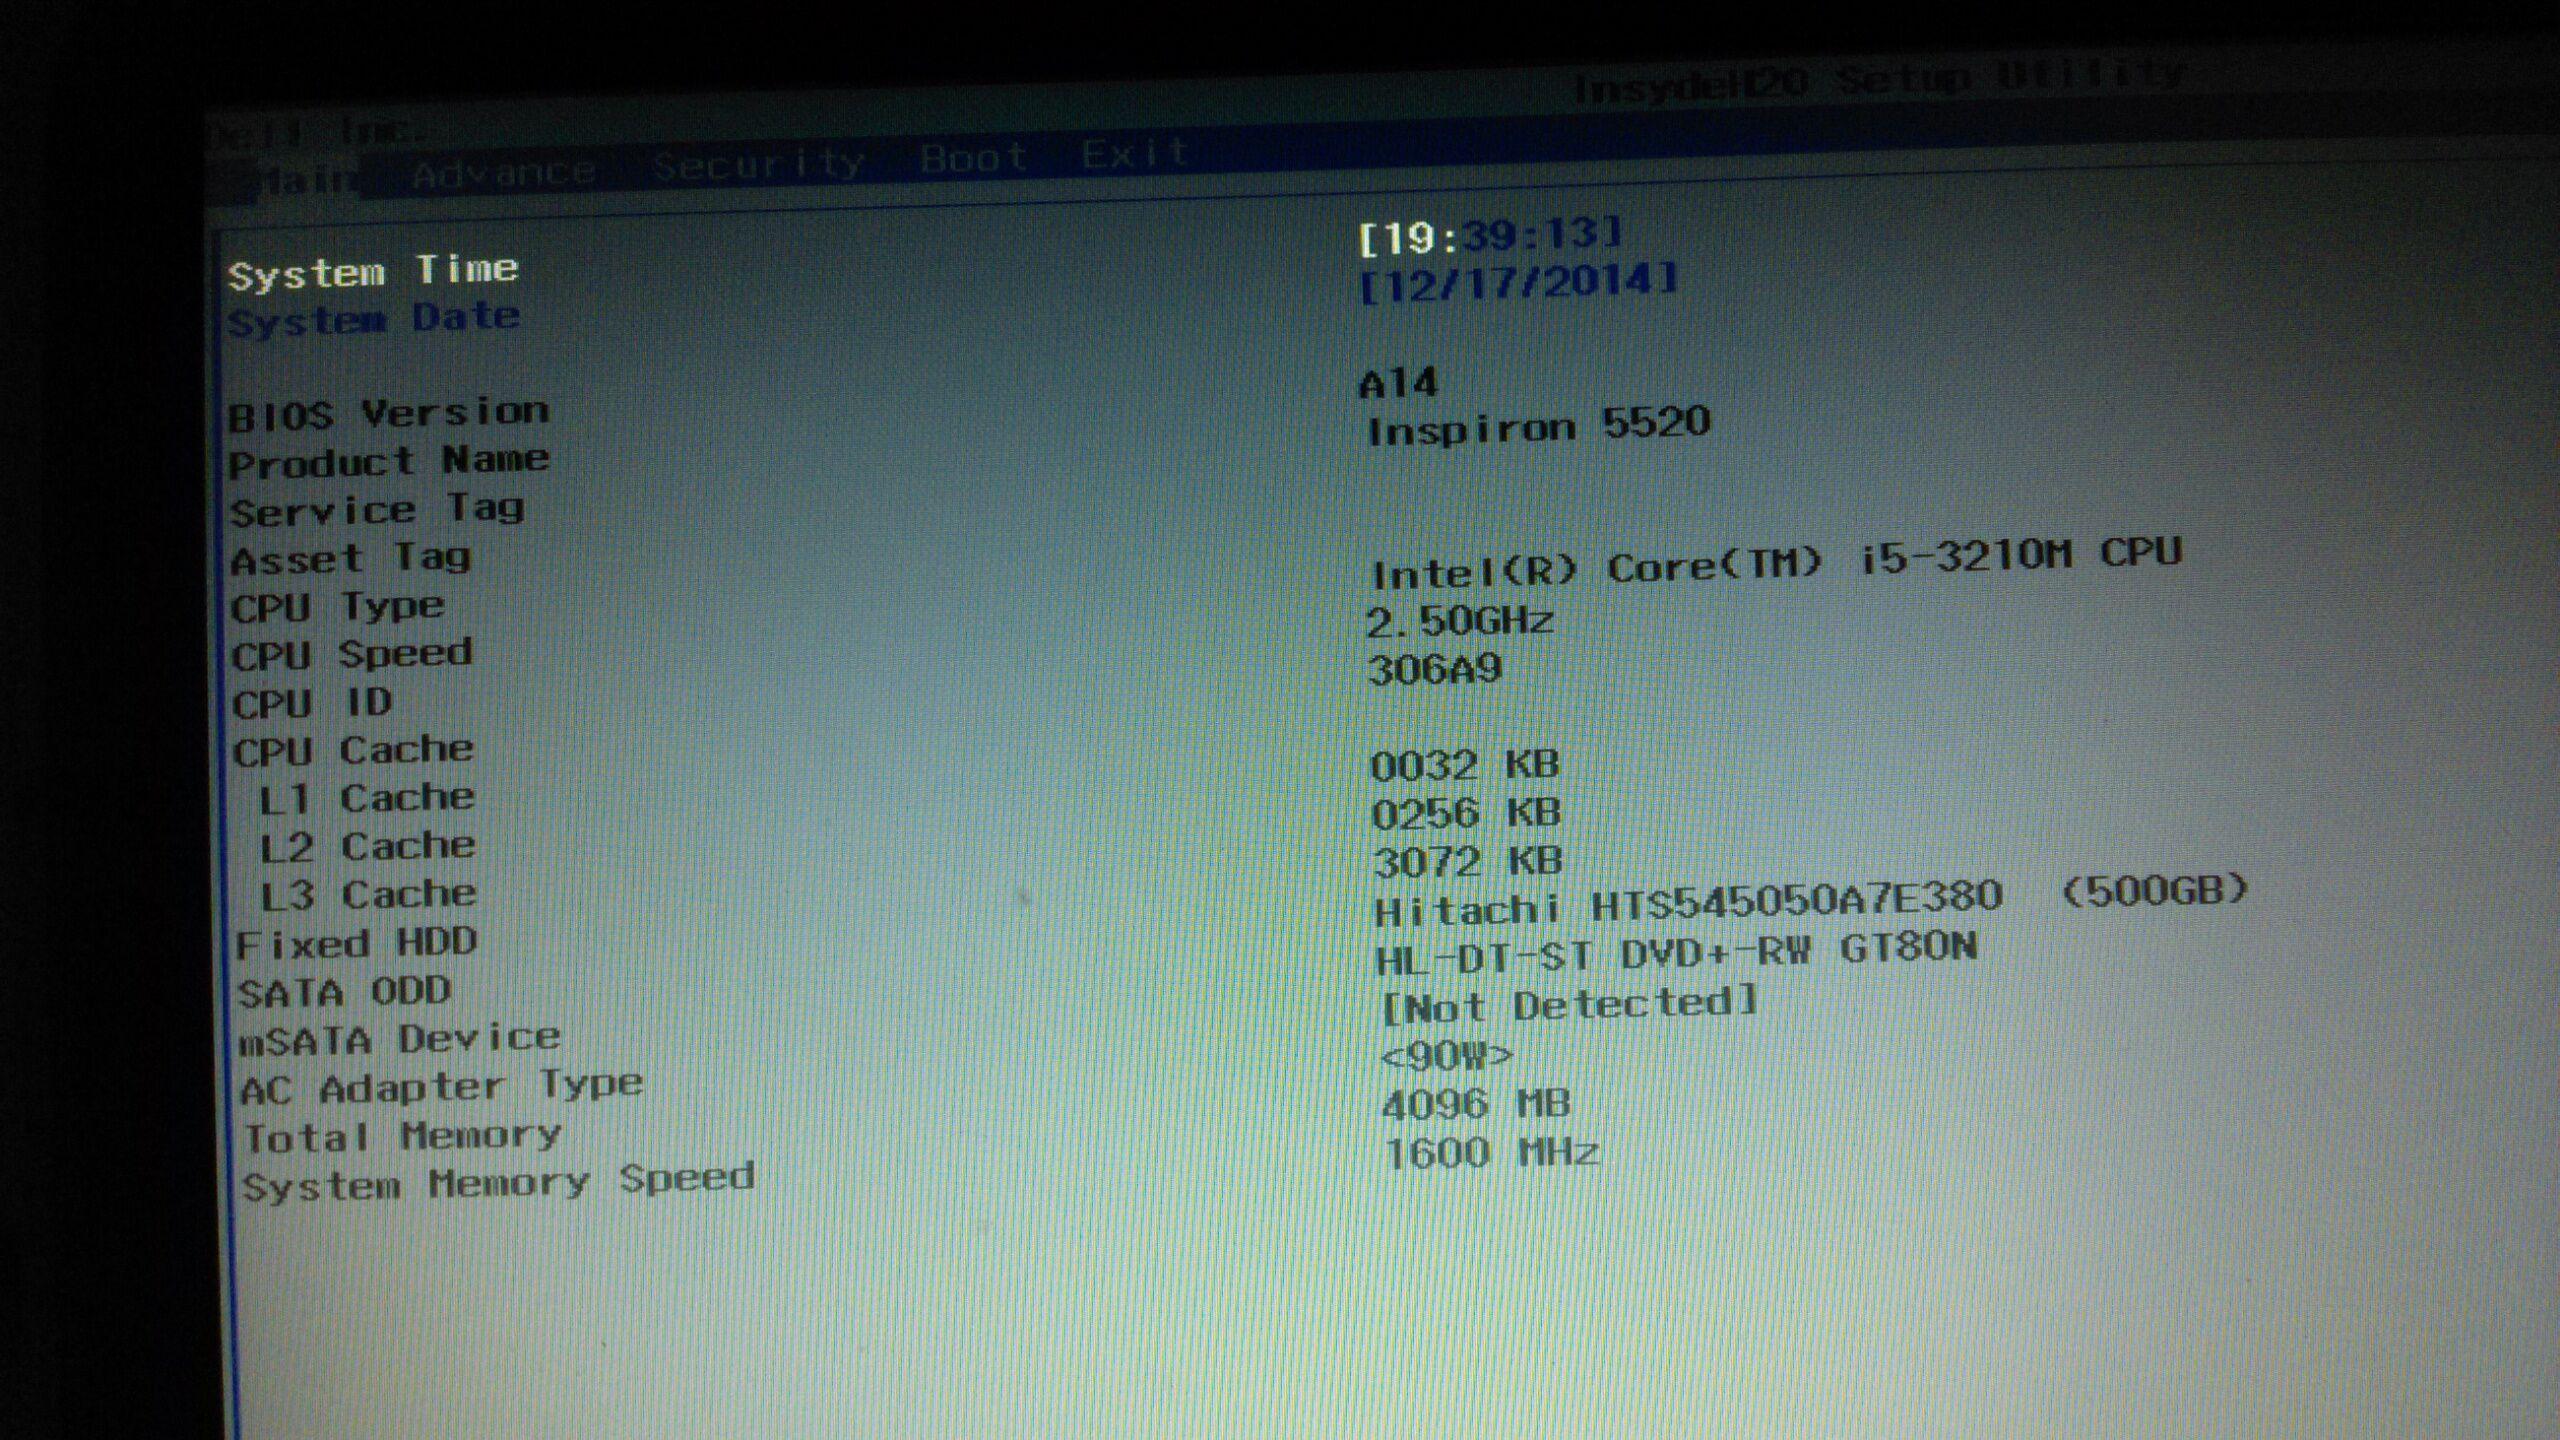 DELL重装系统后蓝屏0x0000007b(0xFFFFF880009A97E8